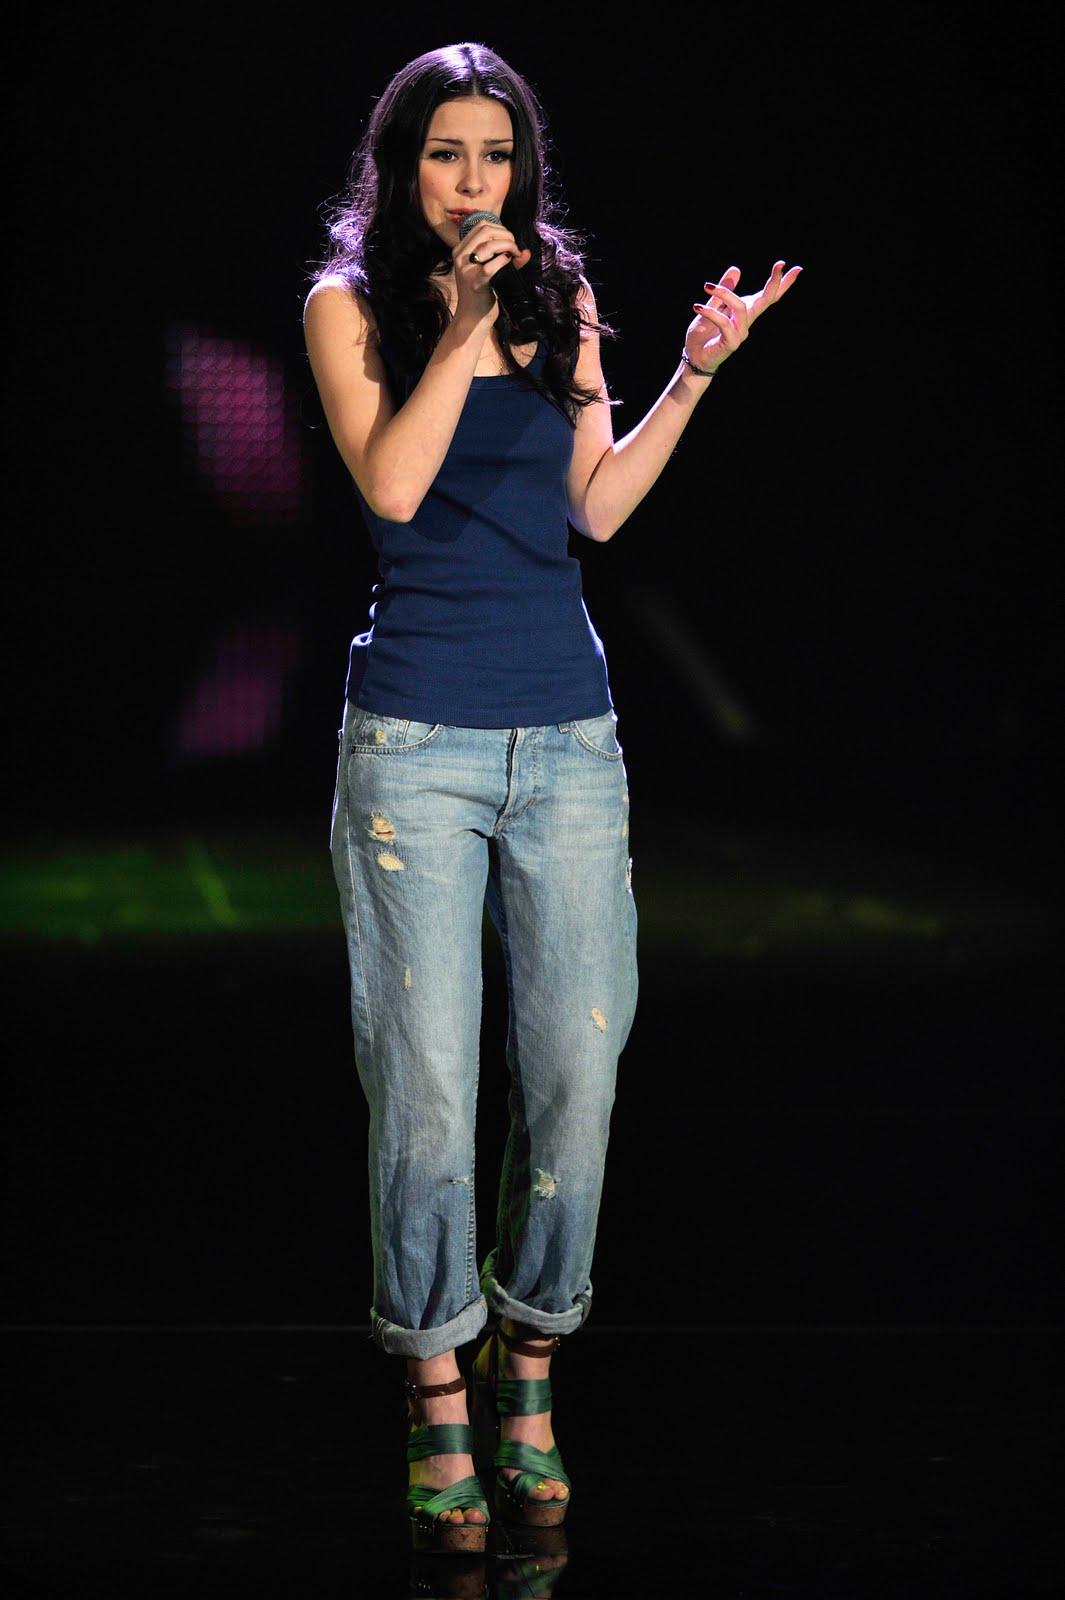 http://1.bp.blogspot.com/-lgPSHYMsYGo/TfpQ3i9LD0I/AAAAAAAAA18/DBt_-YoiYsE/s1600/Lena-Meyer-Landrut-Feet-336129.jpg